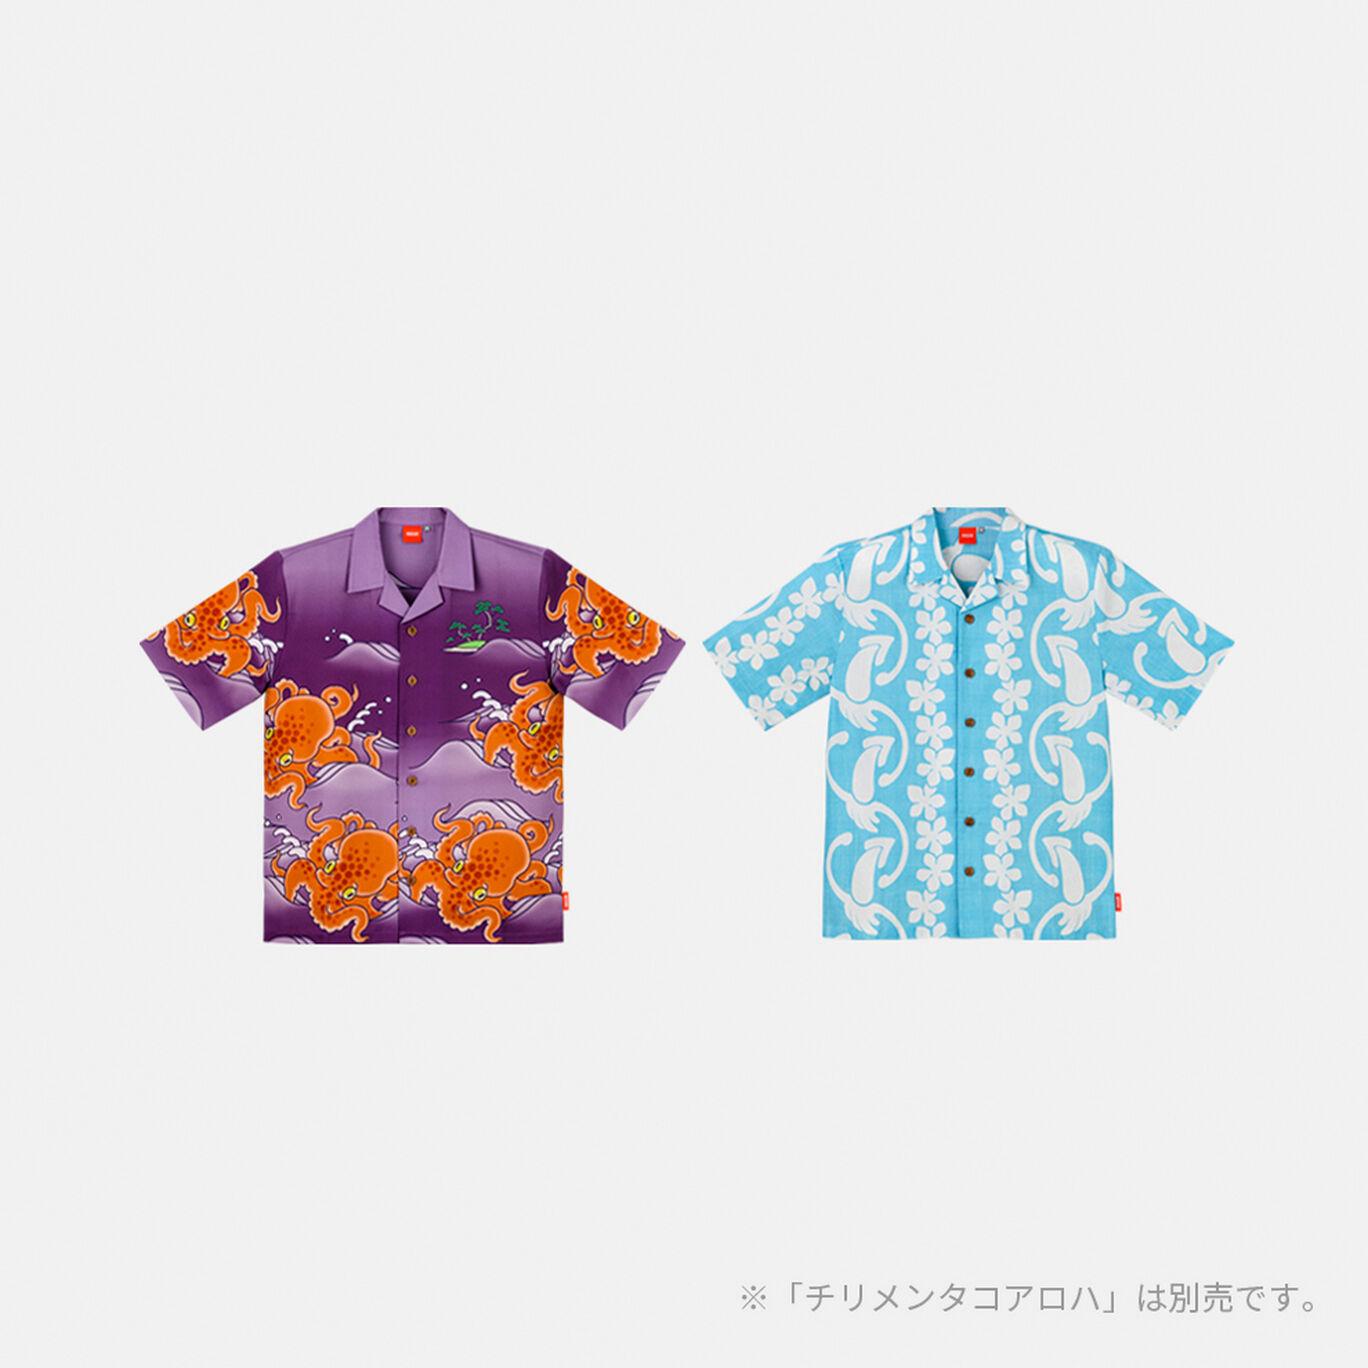 おどるイカアロハM Splatoon【Nintendo TOKYO取り扱い商品】